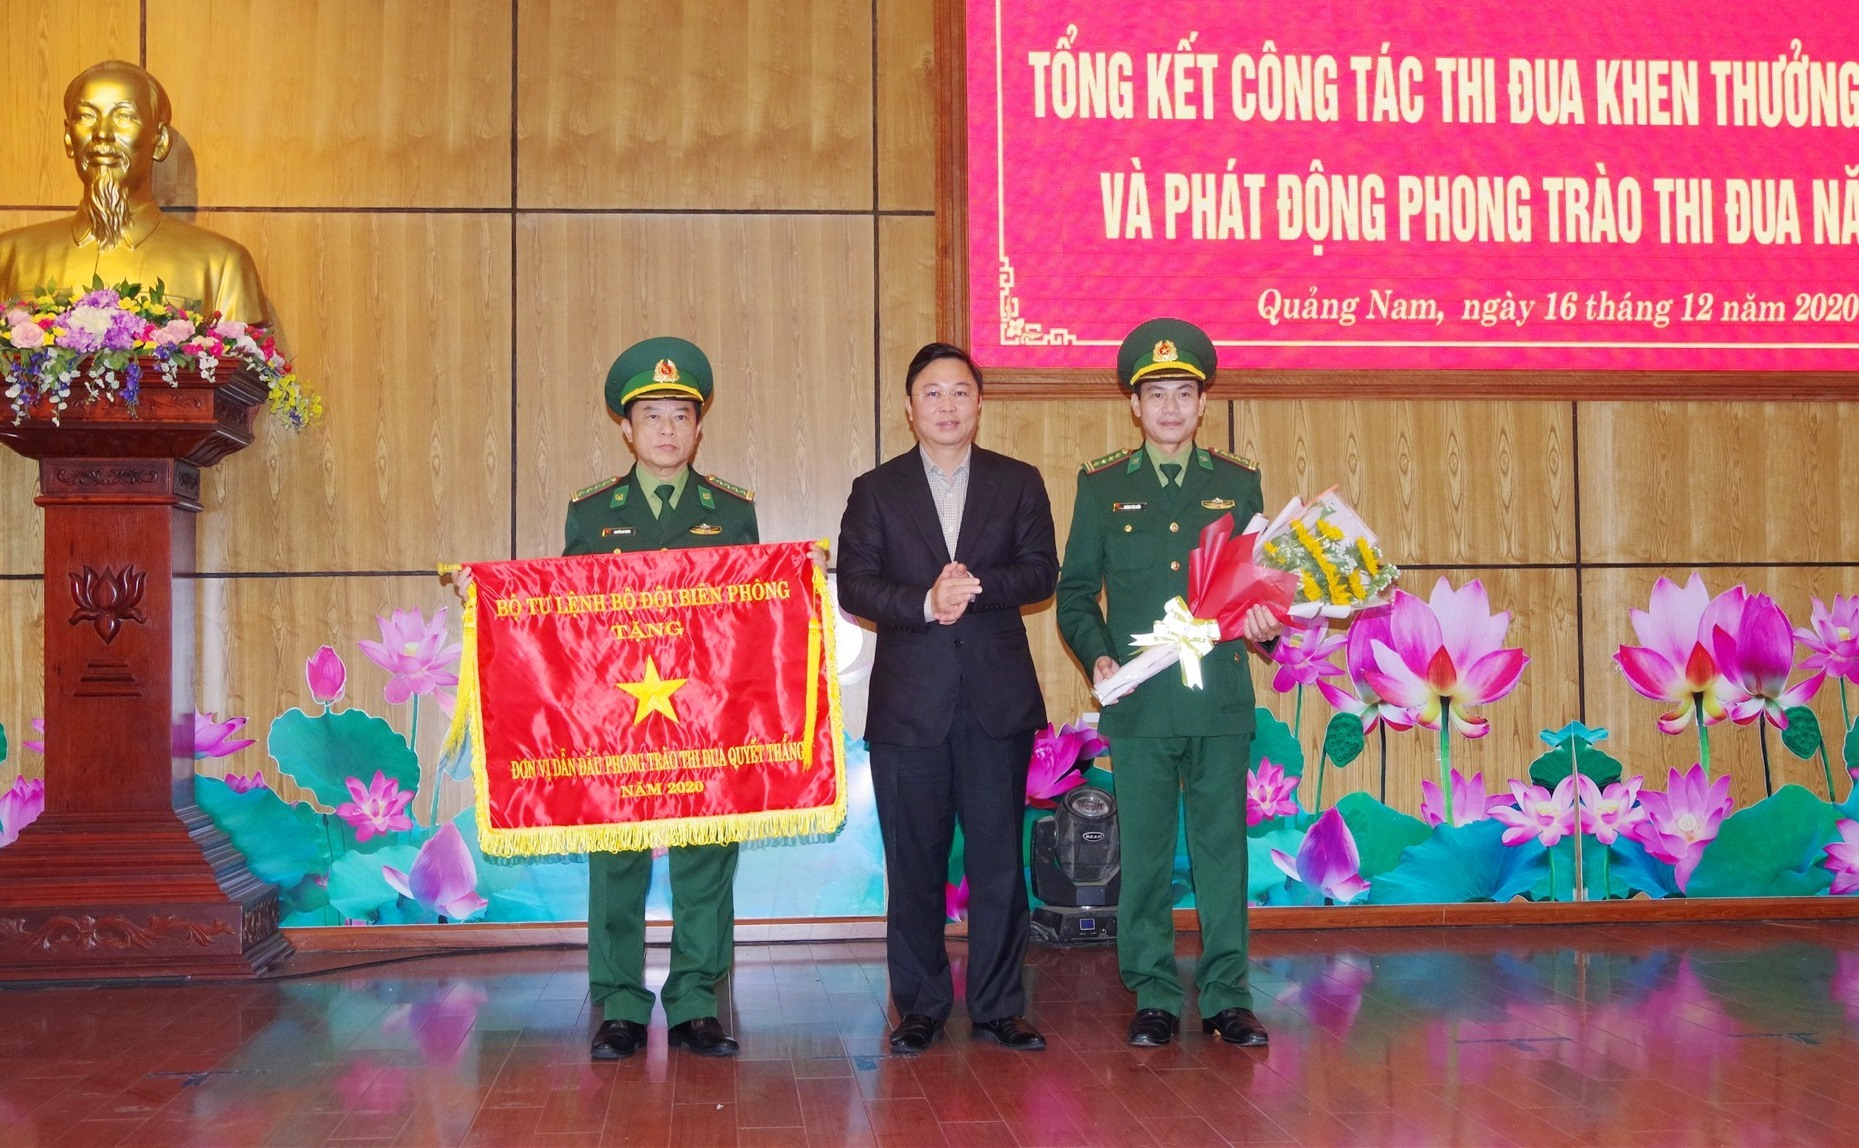 Chủ tịch UBND tỉnh Lê Trí Thanh